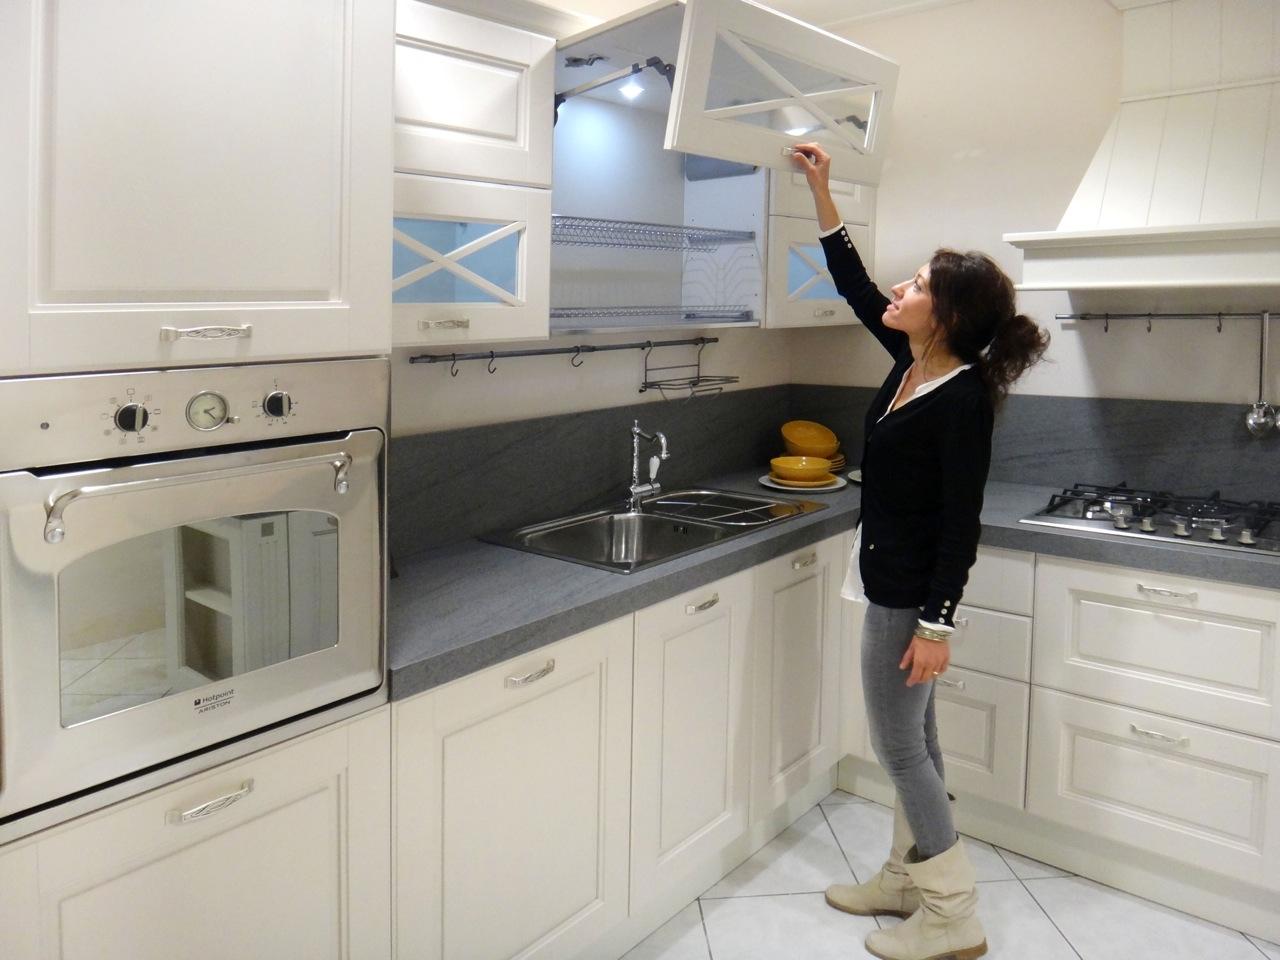 Cucina lube cucine agnese classica legno bianca cucine a - Cucine lube prezzi offerte ...